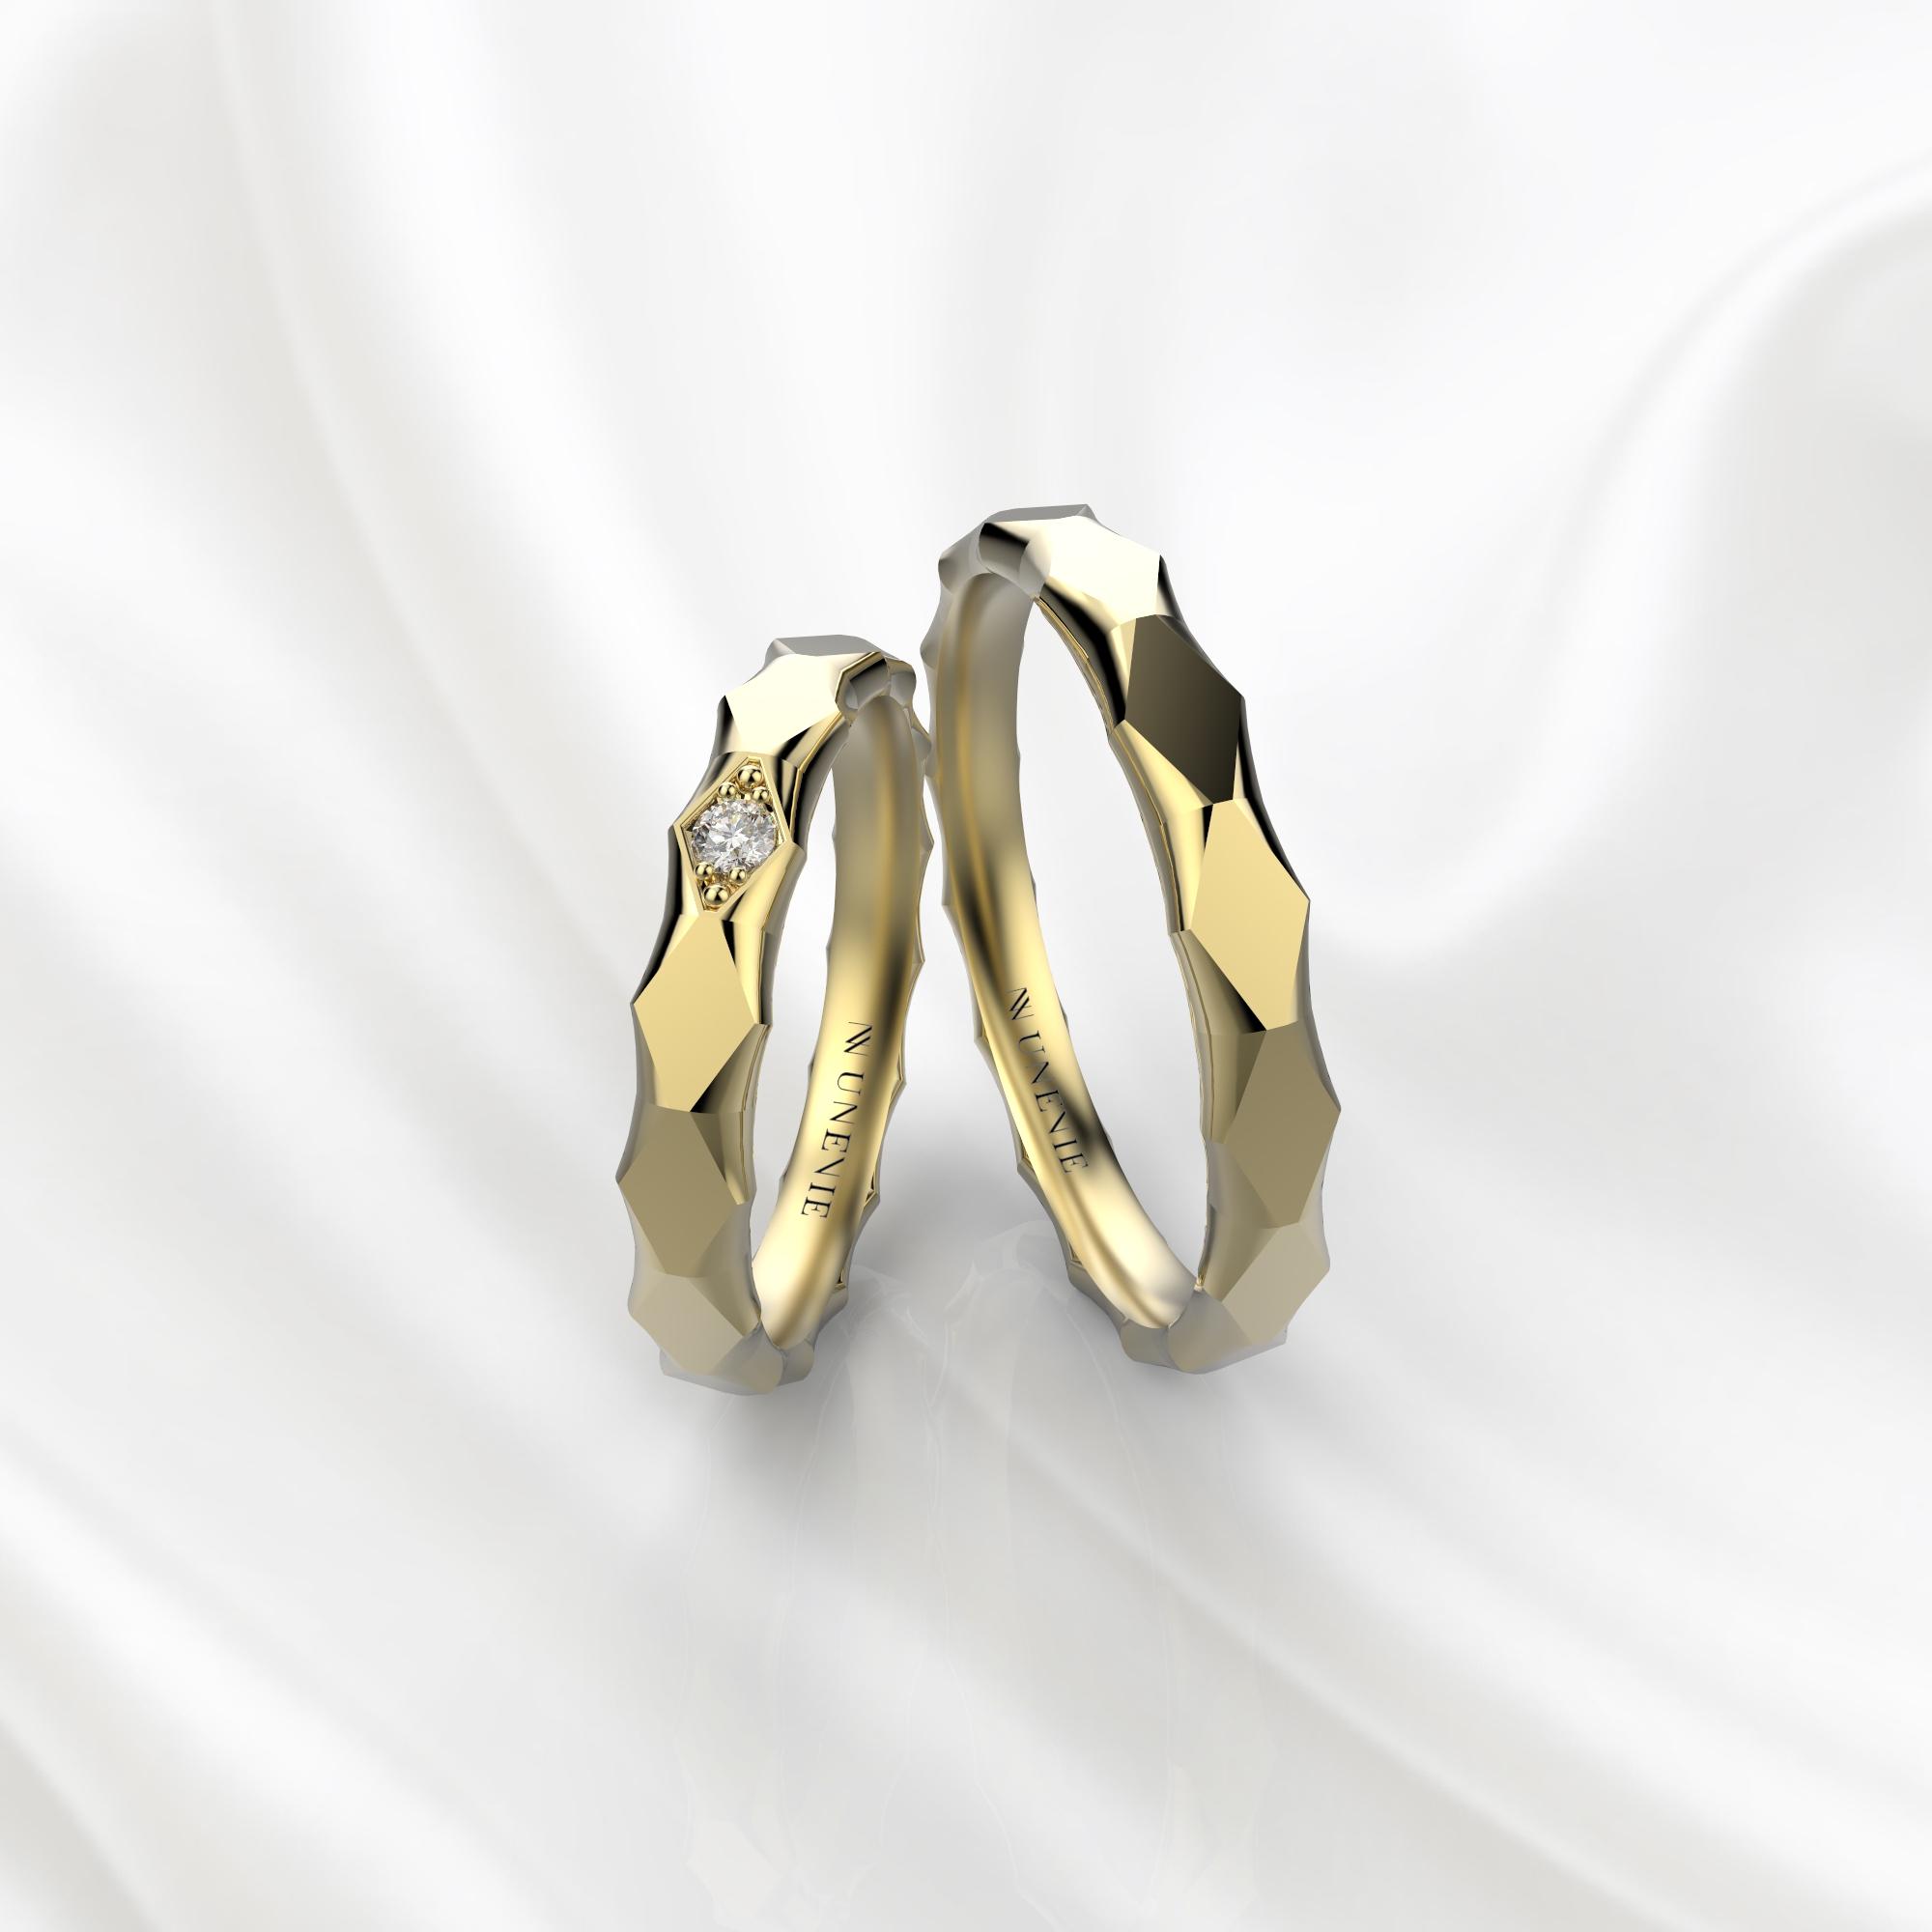 NV62 Парные обручальные кольца из желтого золота с бриллиантом